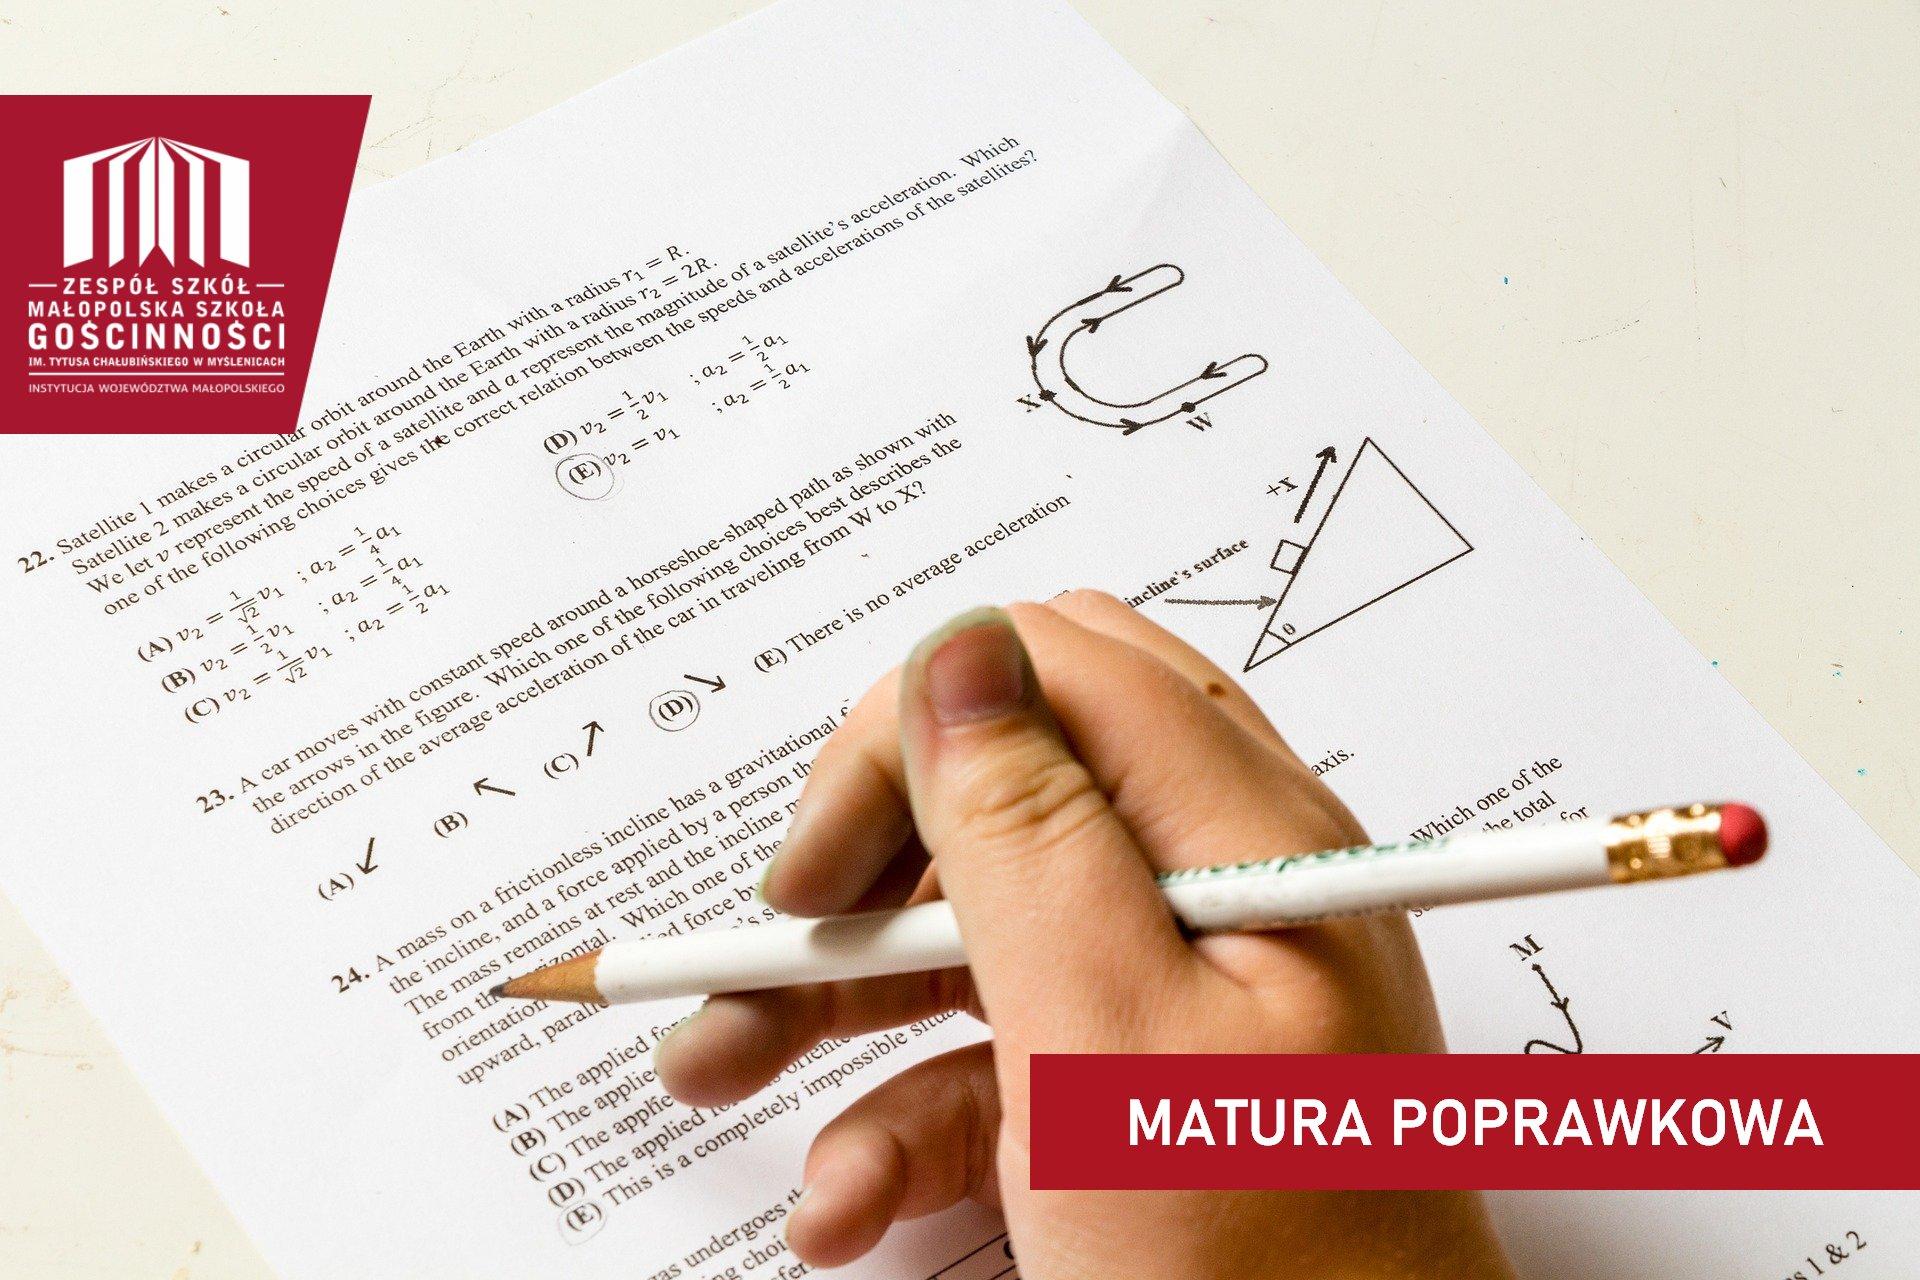 widok na arkusz egzaminacyjny i dłoń trzymająca ołówek